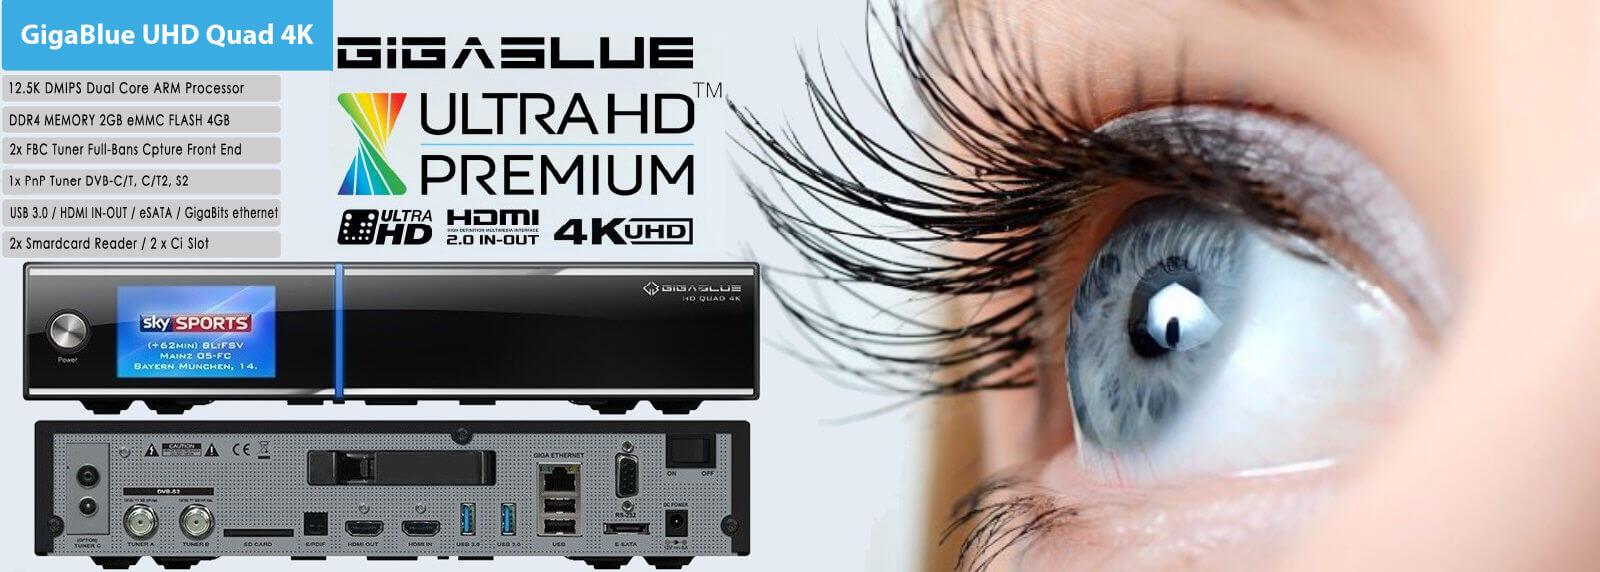 GigaBlue UHD Quad 4K